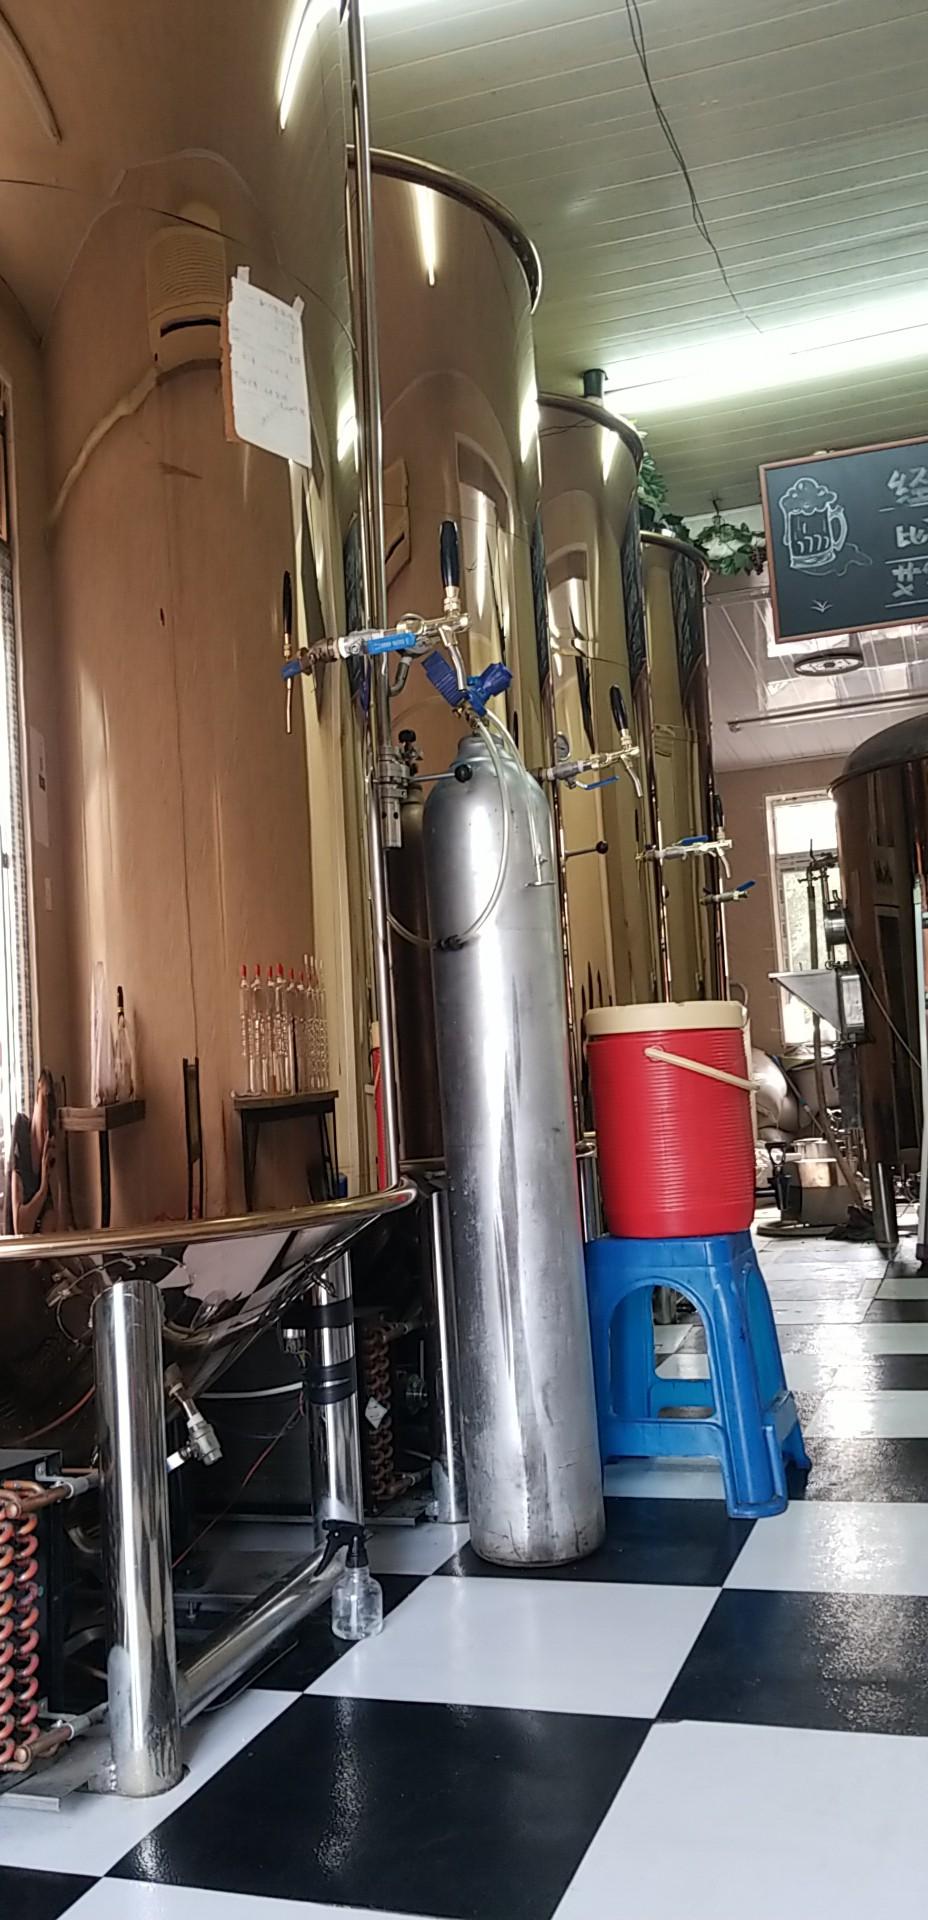 近代啤酒设备糖化室有哪些改进?